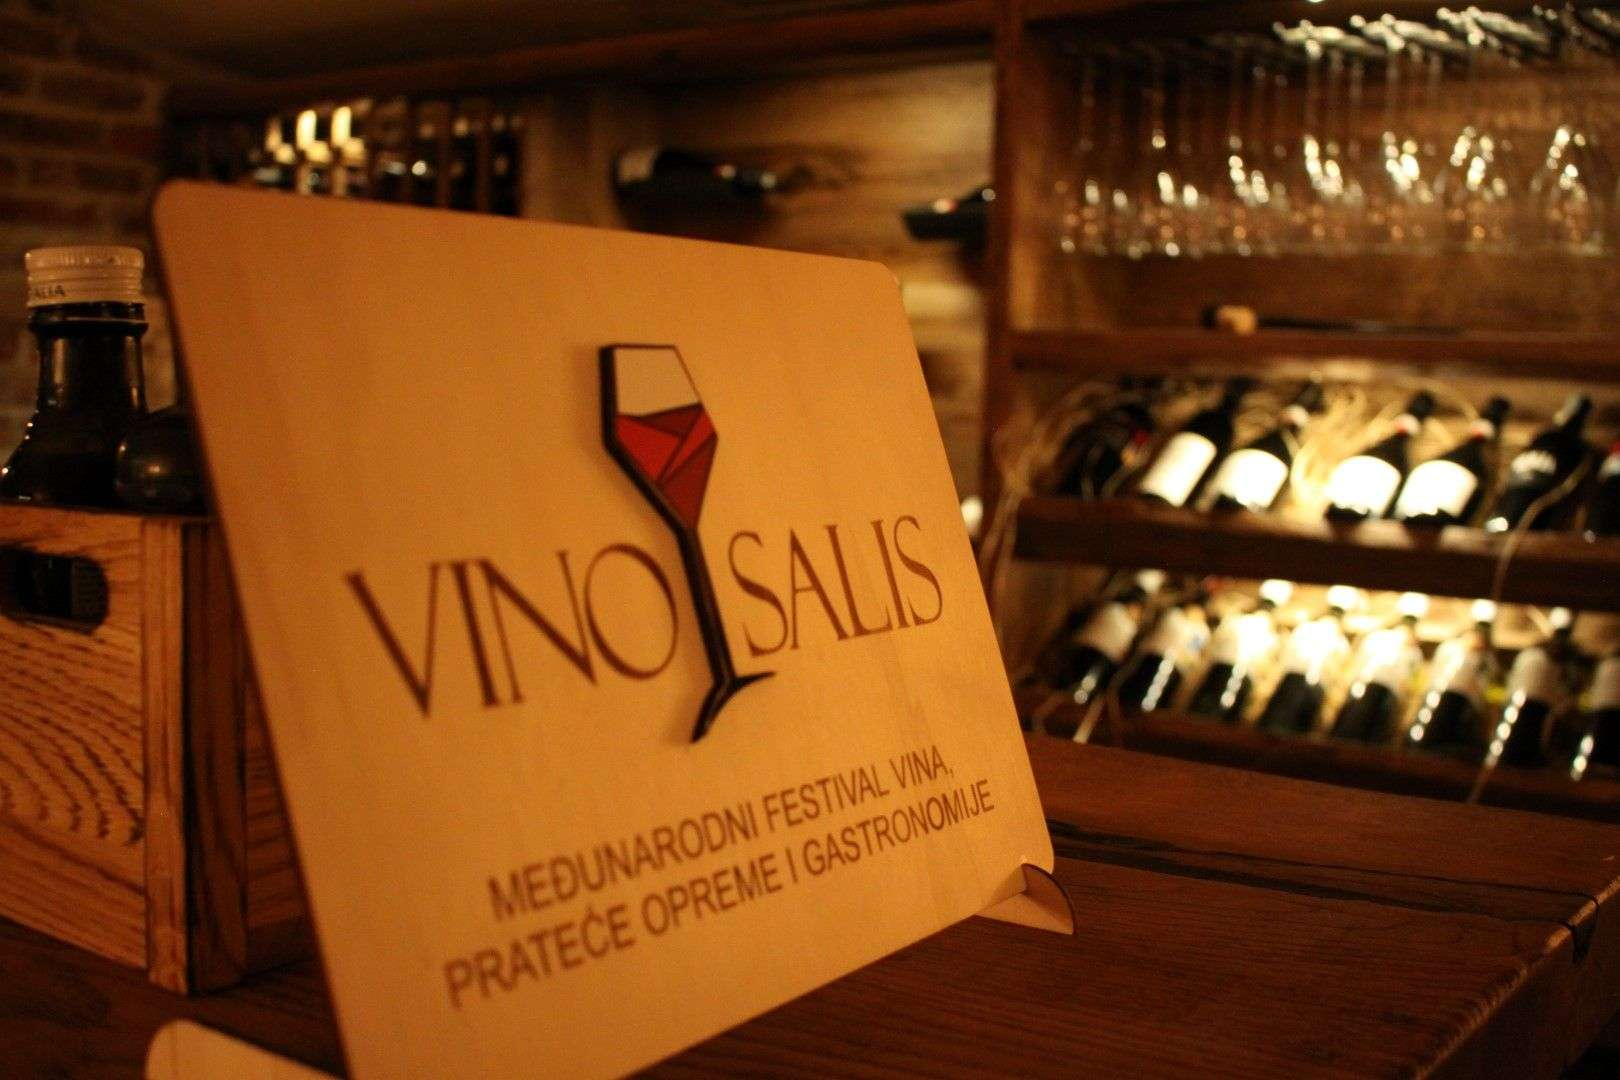 više od 80 izlagača na festivalu 'vinosalis 2019' u junu u tuzli